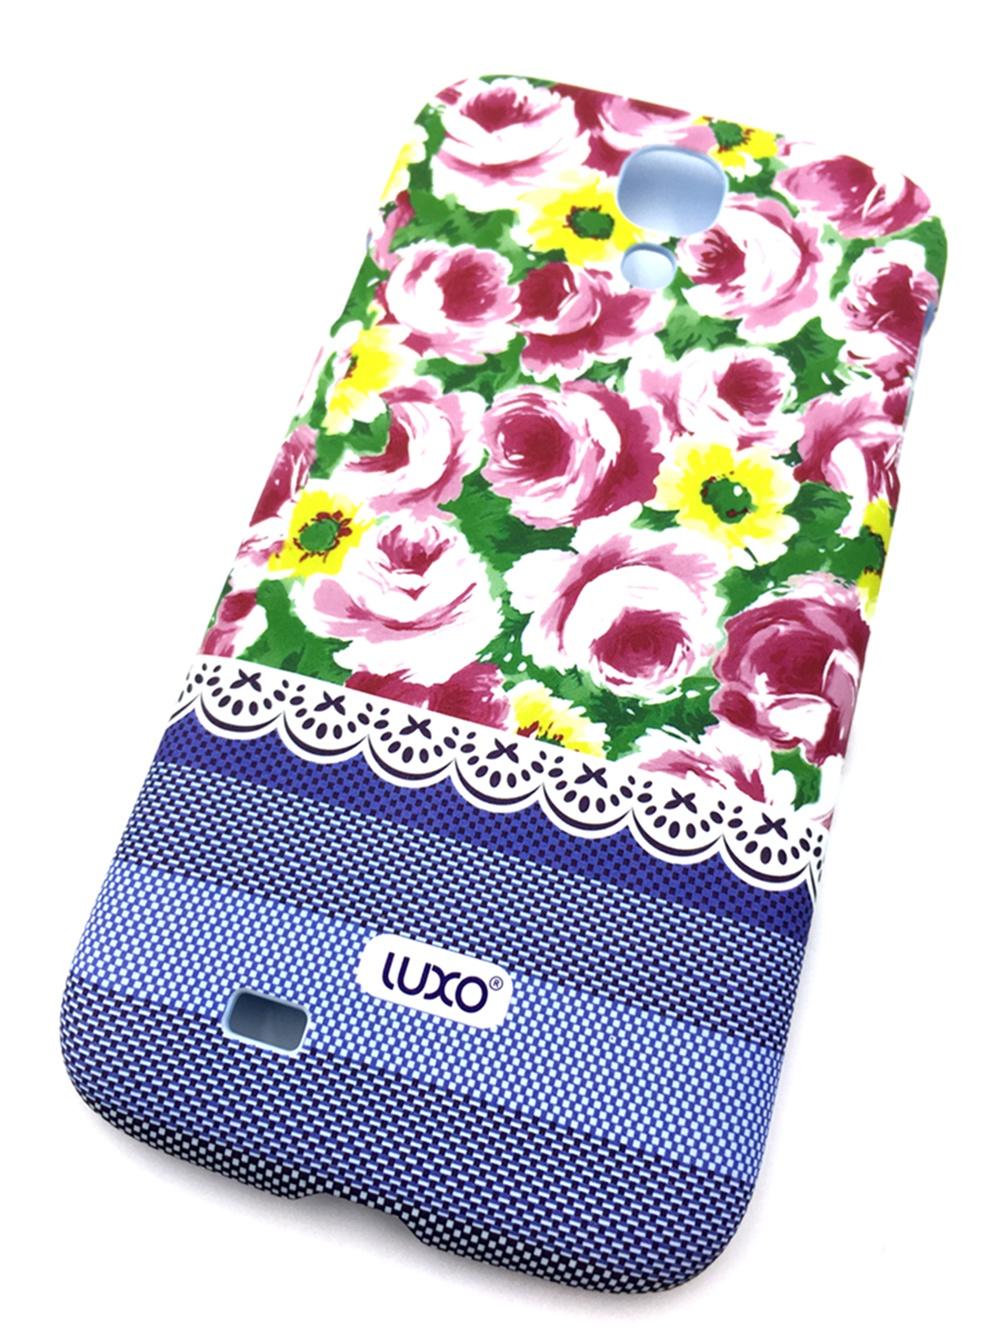 Чехол для сотового телефона Мобильная мода Samsung S4 Накладка LUXO пластиковая с нескользящим покрытием (Elegant Flower), 10401